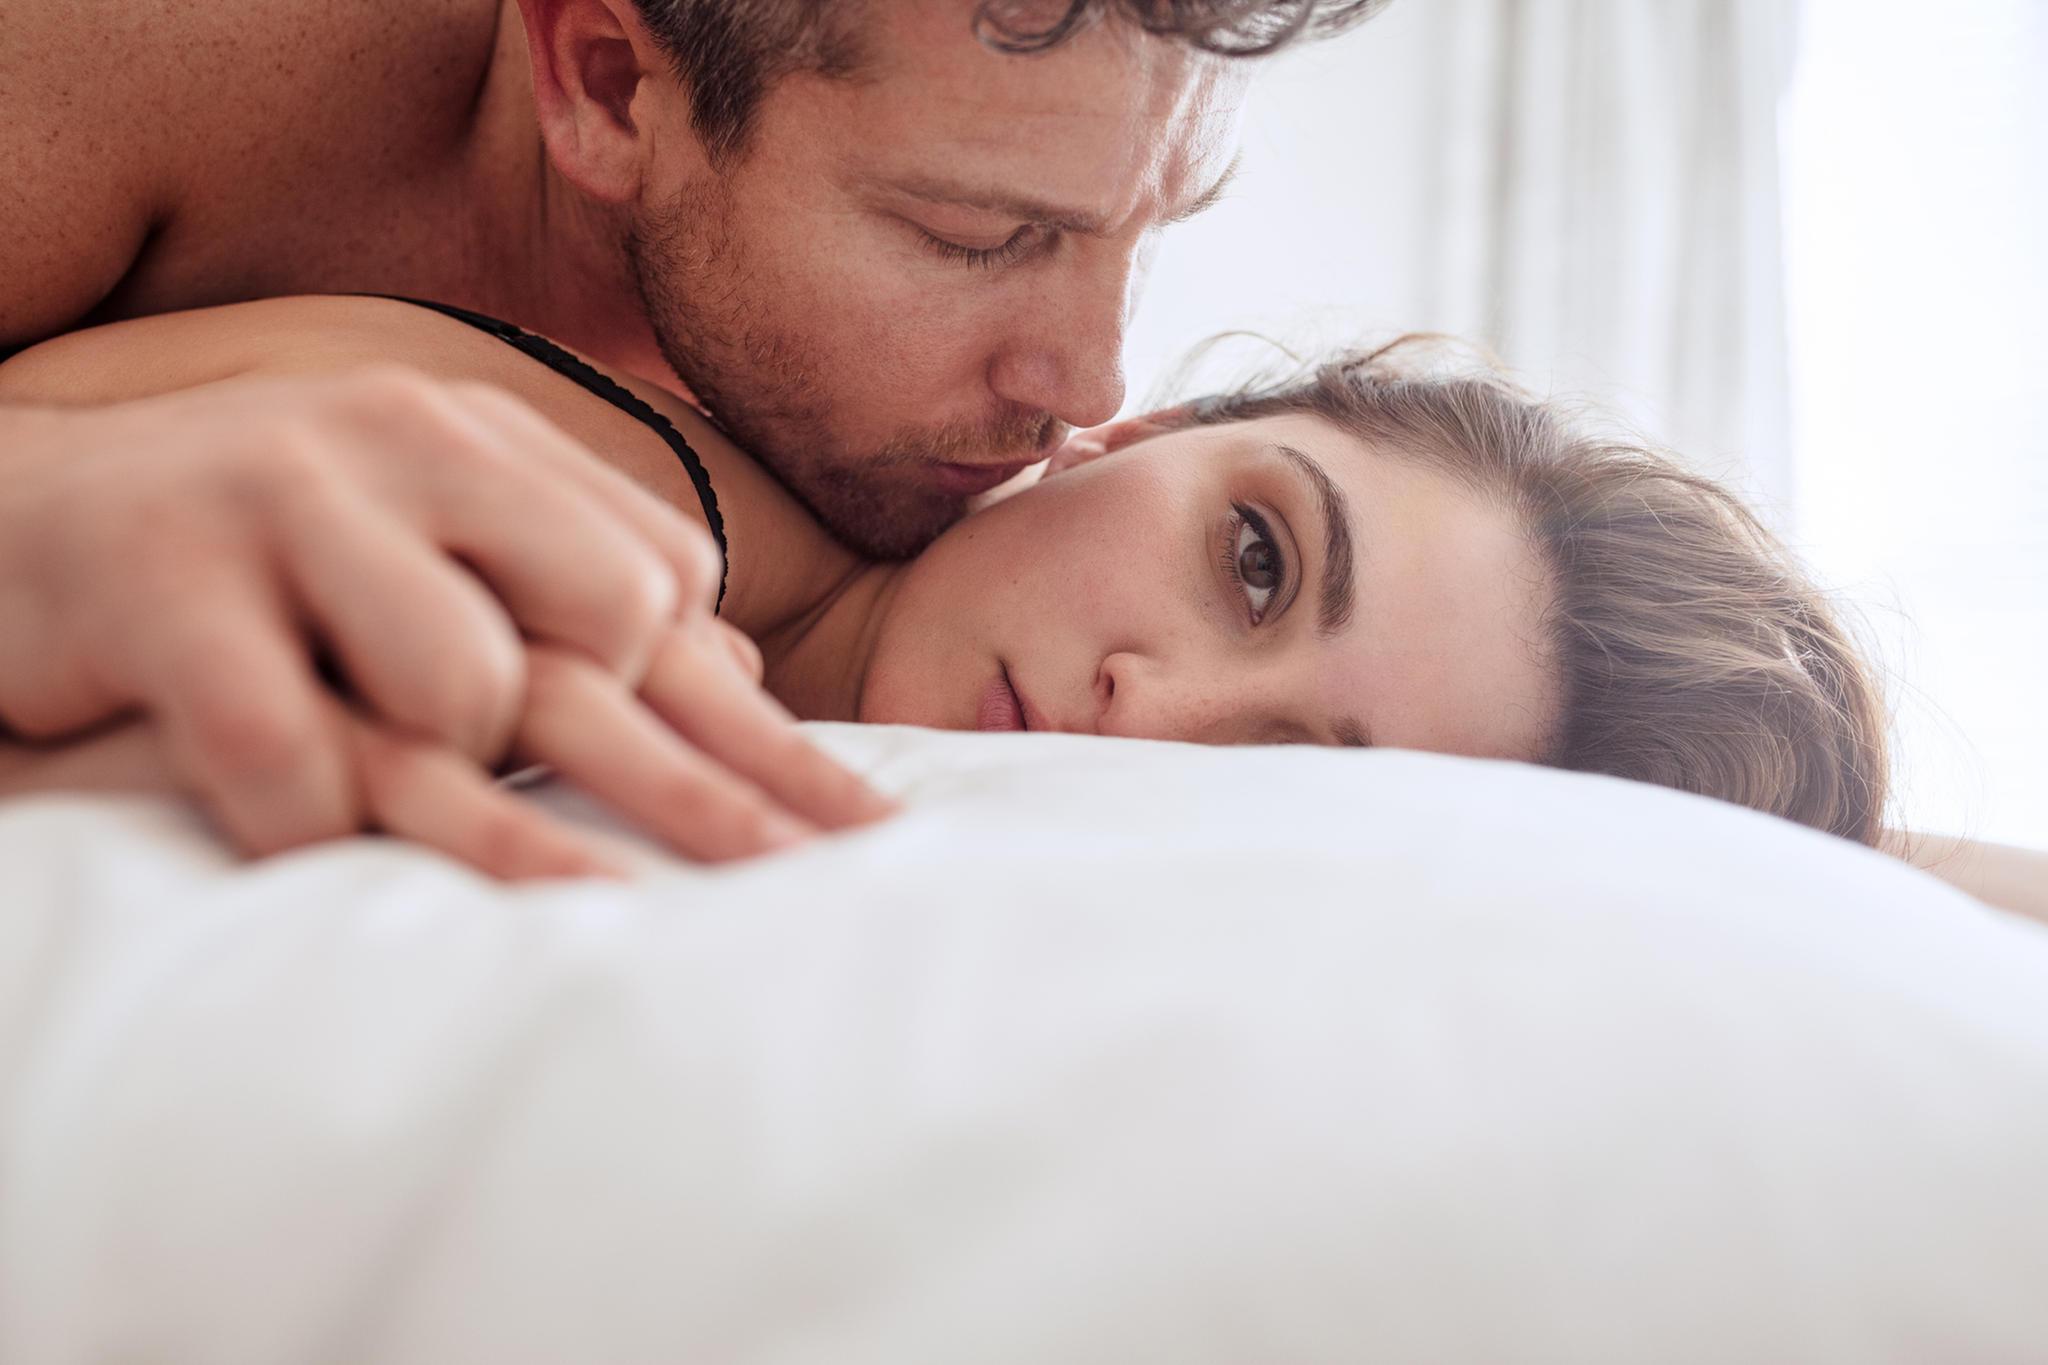 Extreme sex desires